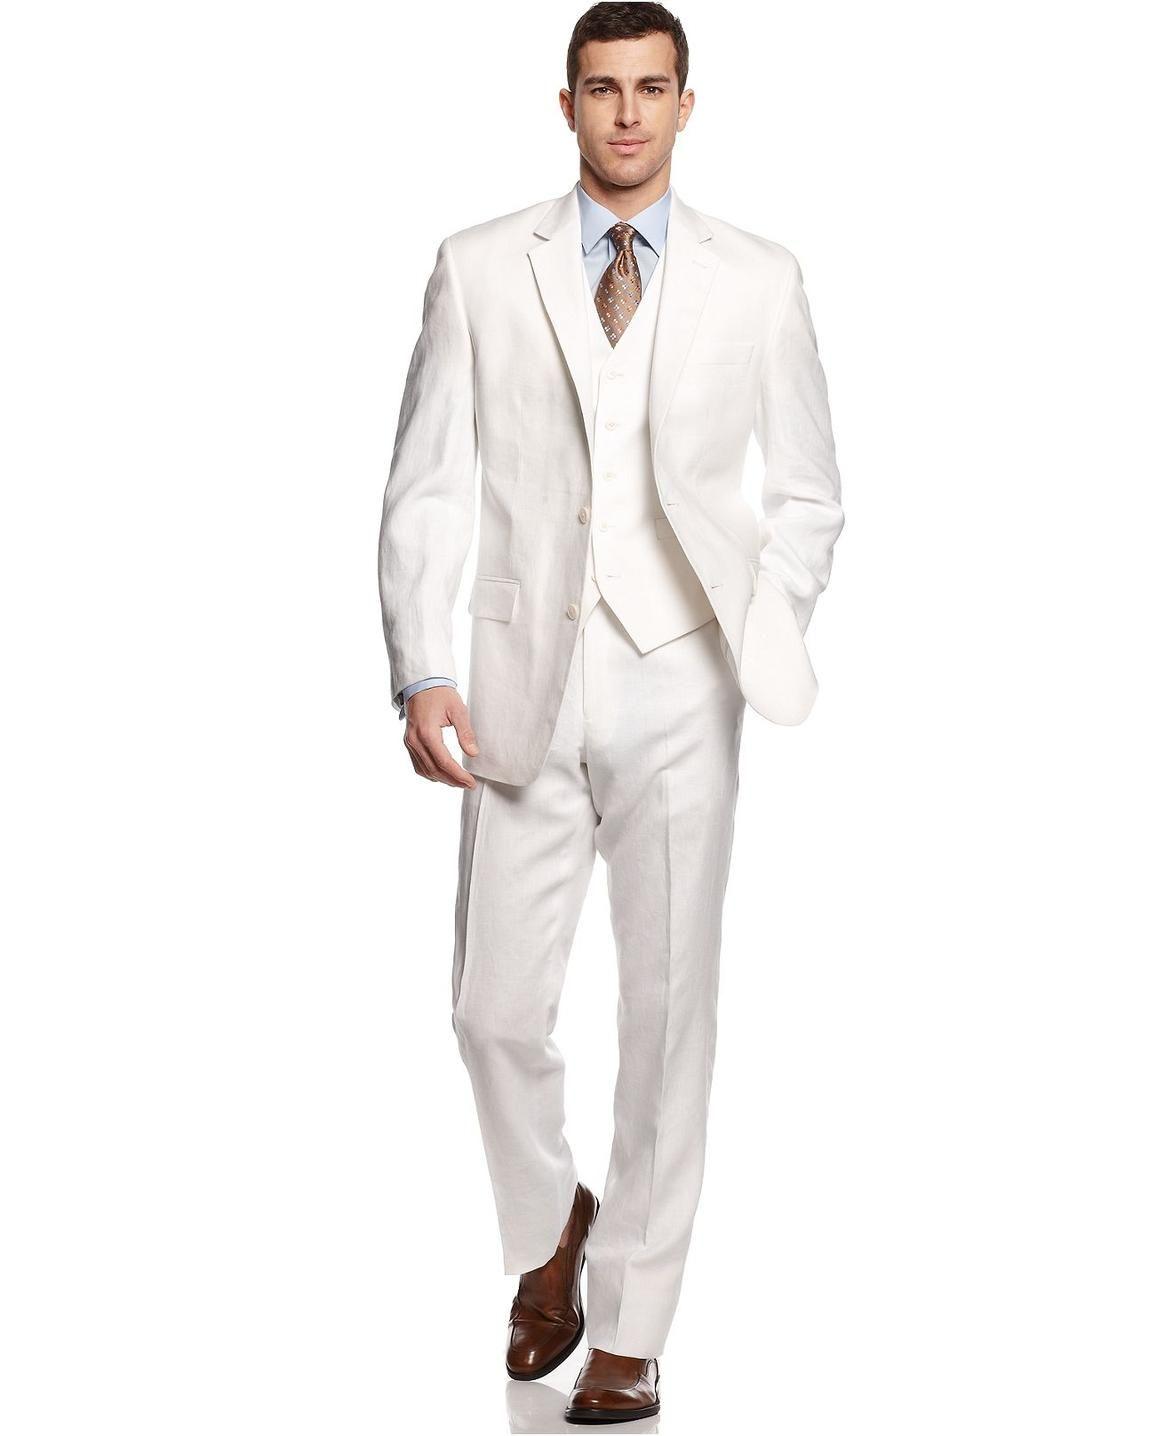 Michael michael kors suit white linen vested menus style suitable